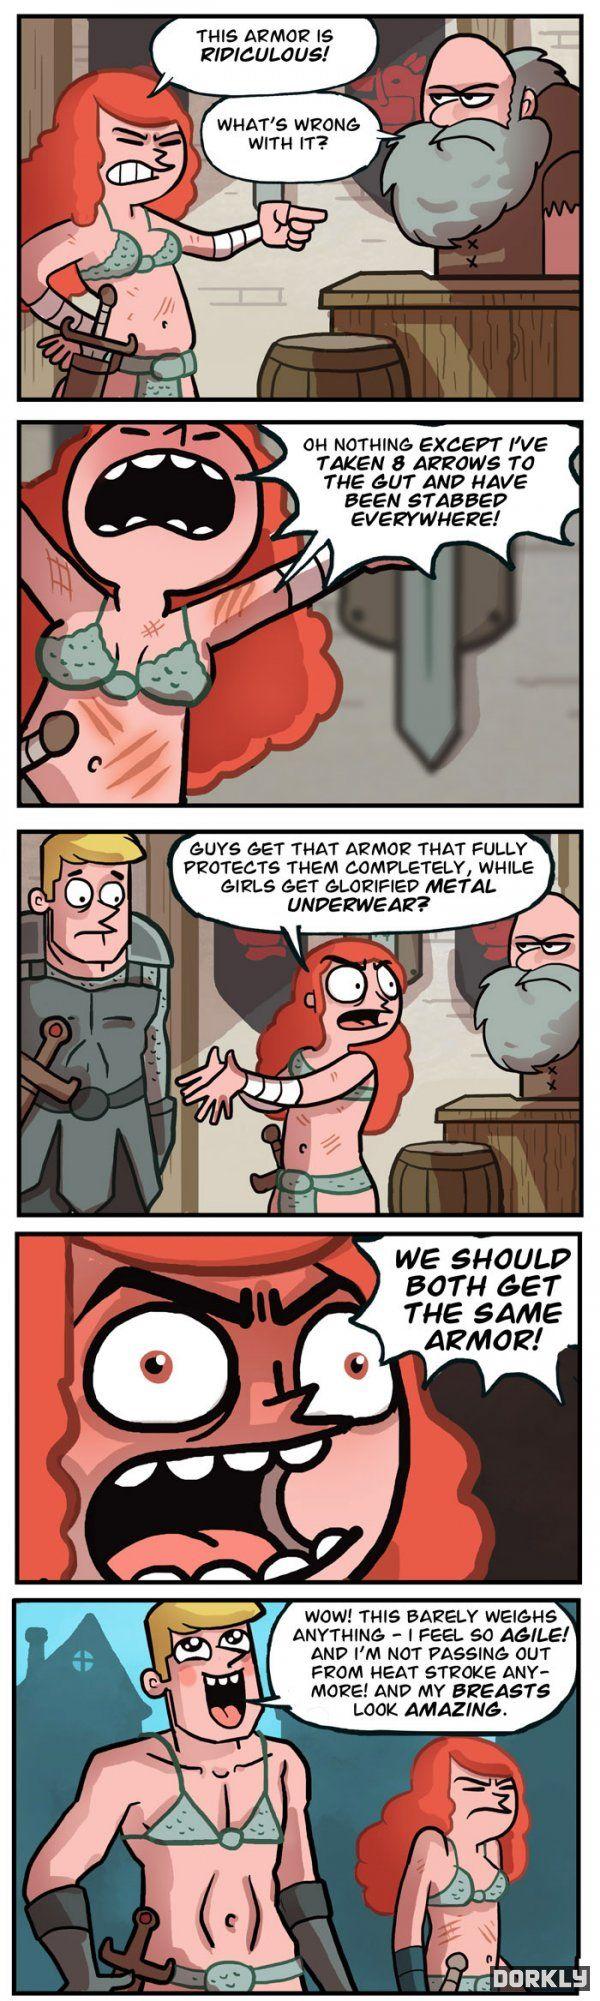 Feminist's argument for better armor doesn't go as planned...